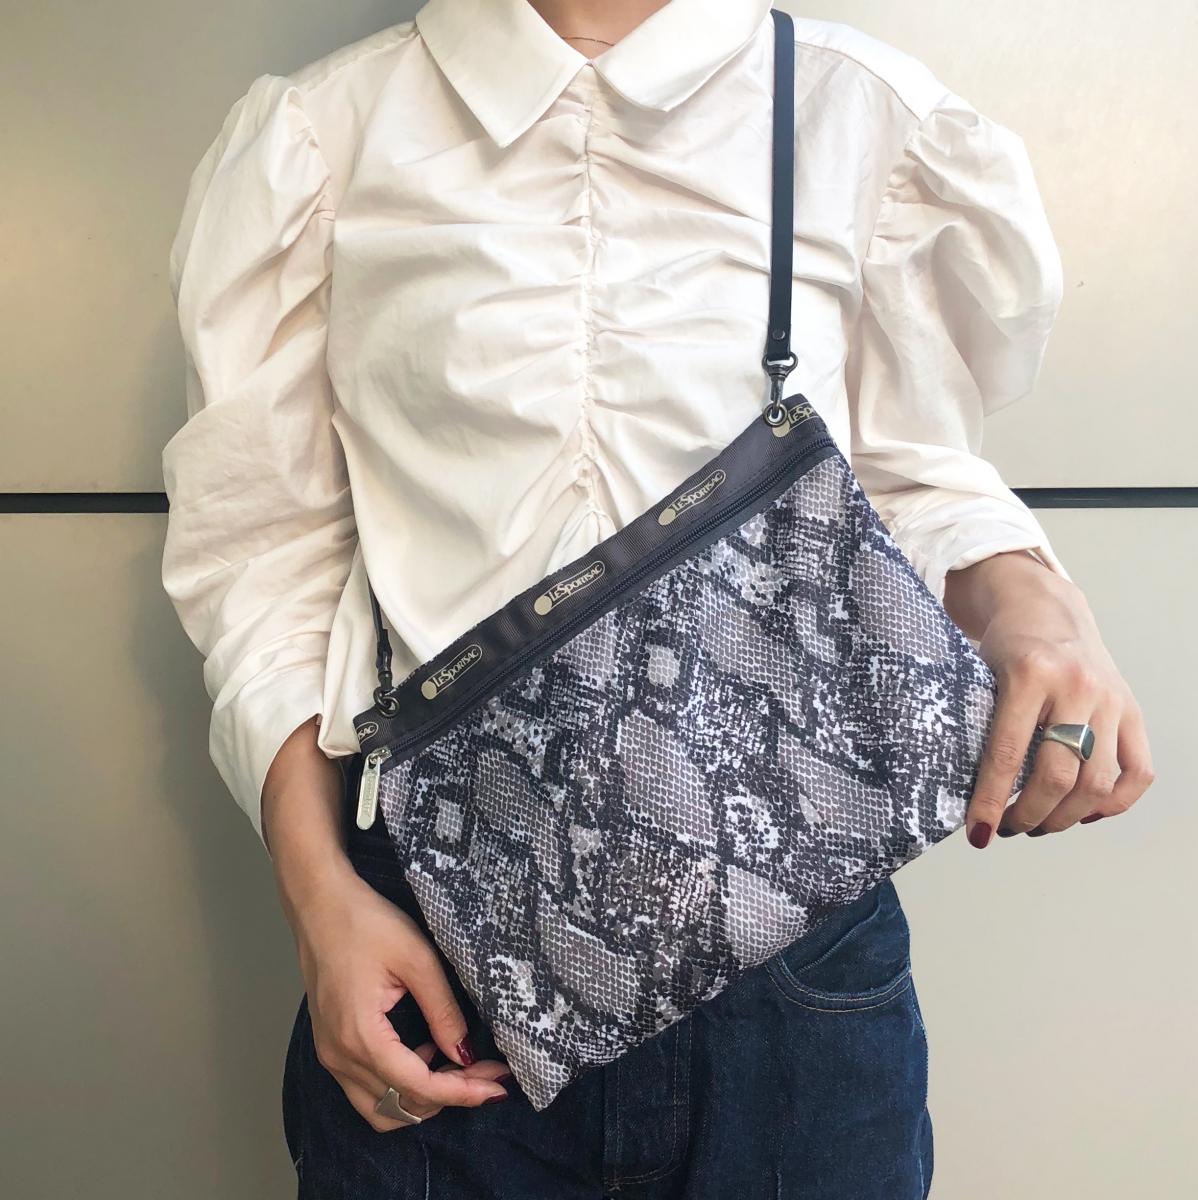 SPUR | 日本発信のファッショントレンド情報サイト いつだって白ブラウスが好きなもので